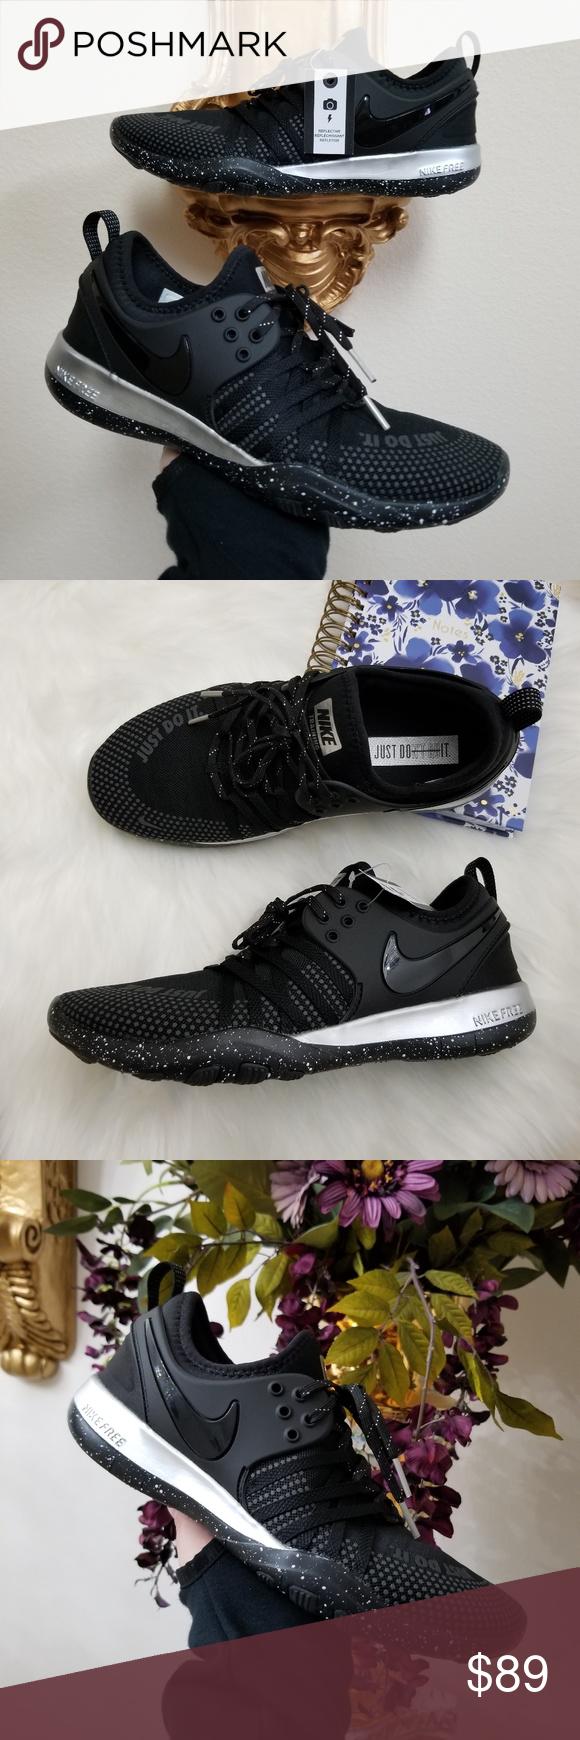 23edd80ba555 Nike Free TR 7 Selfie Women s Training Shoes New No Box